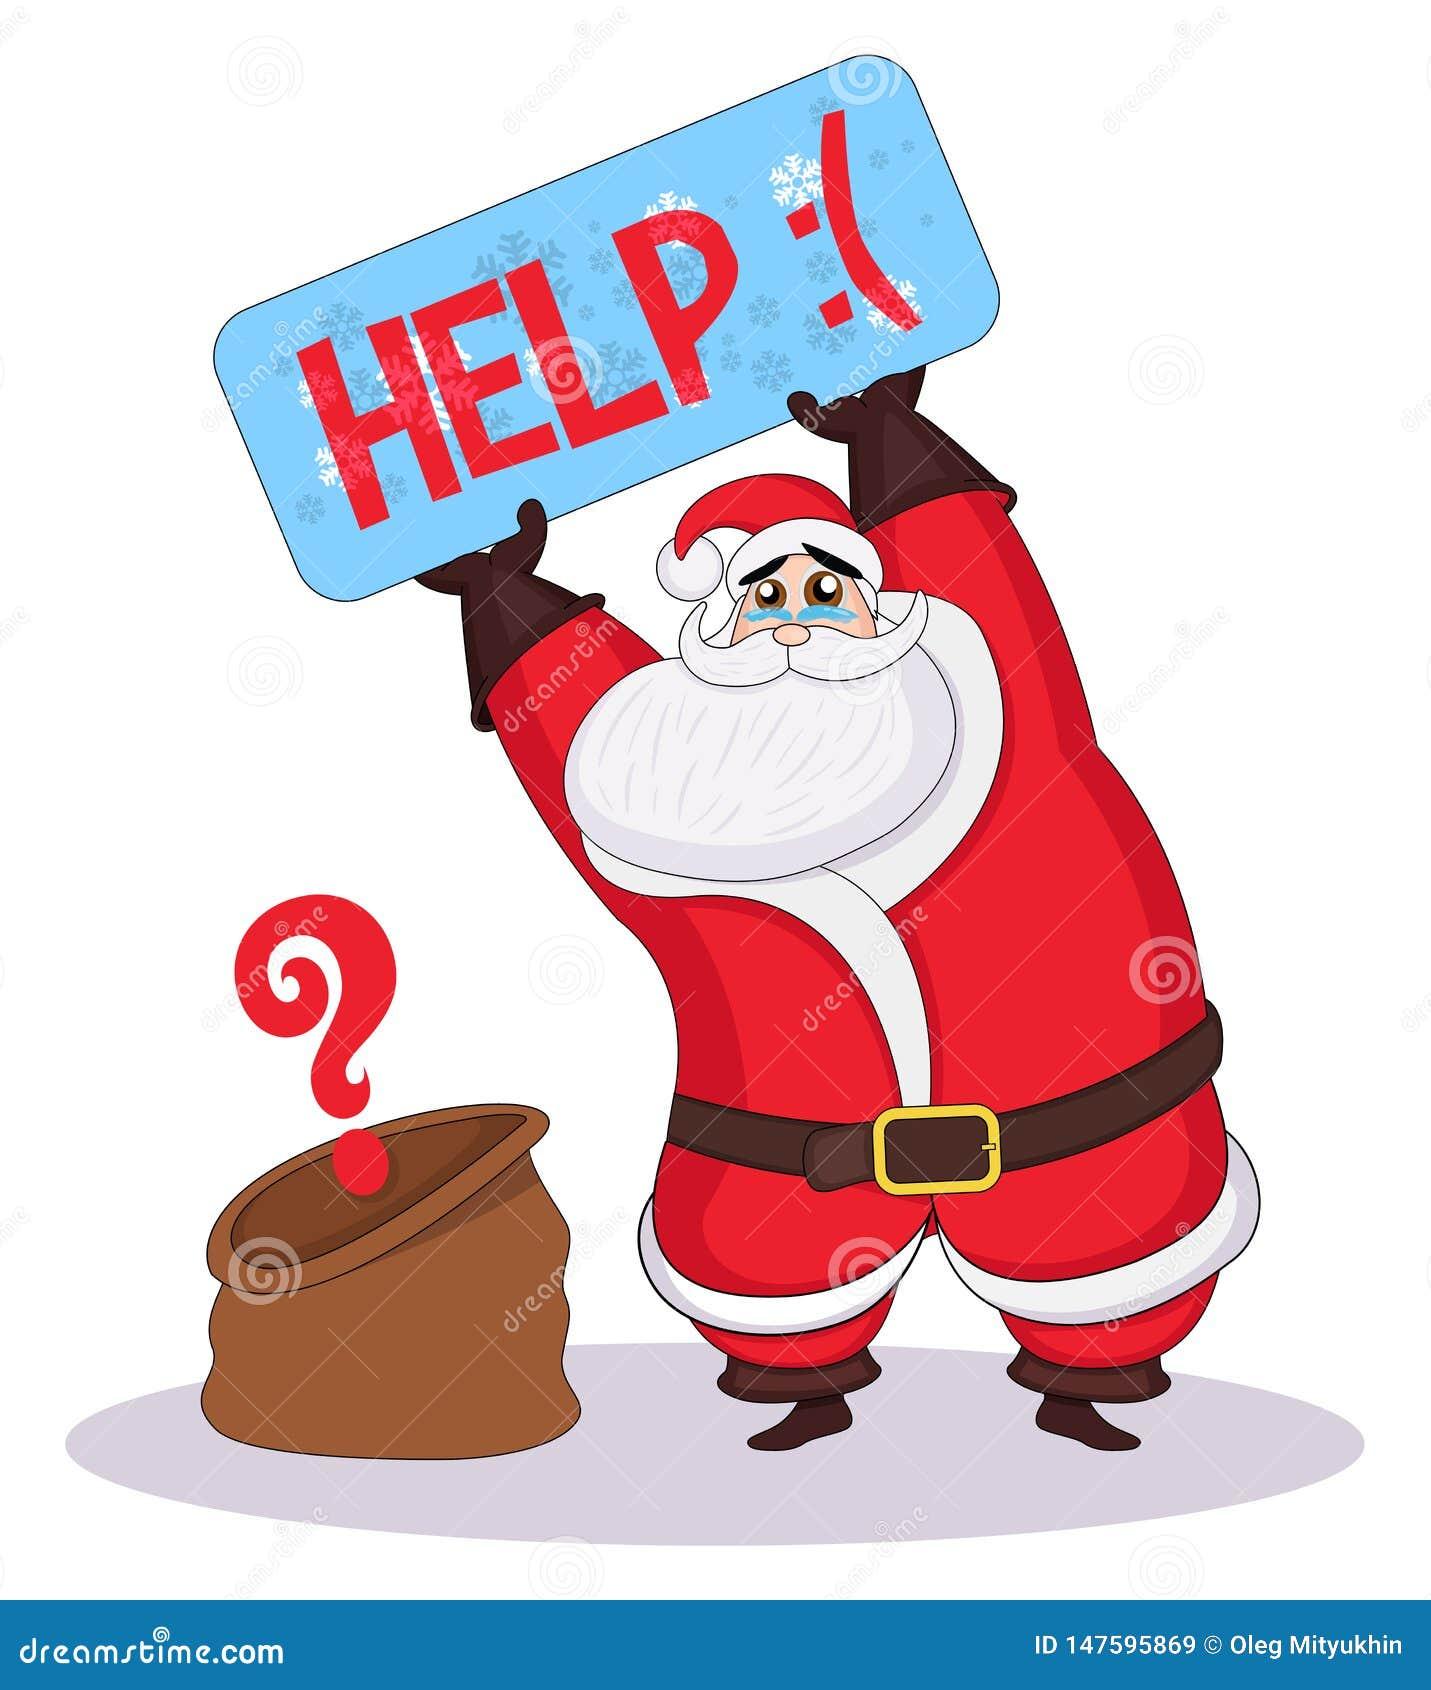 Vectror哀伤的圣诞老人项目举行一块牌和请求帮忙 圣诞老人丢失了礼物 抢夺在平安夜 哀伤的圣诞老人和空的C